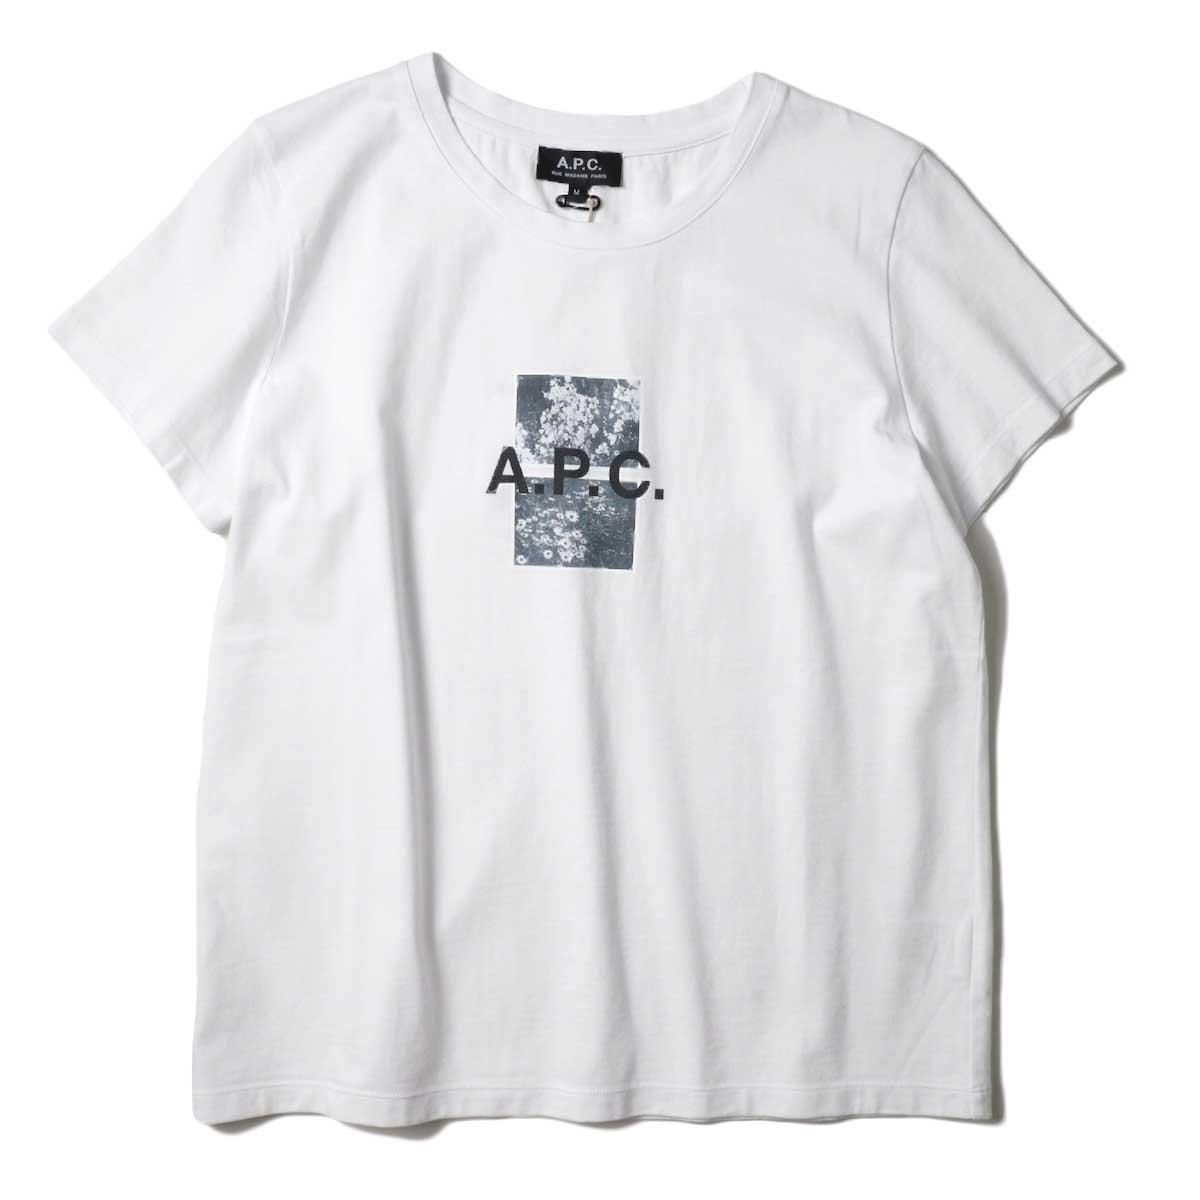 A.P.C. / ERYN Tシャツ (White)